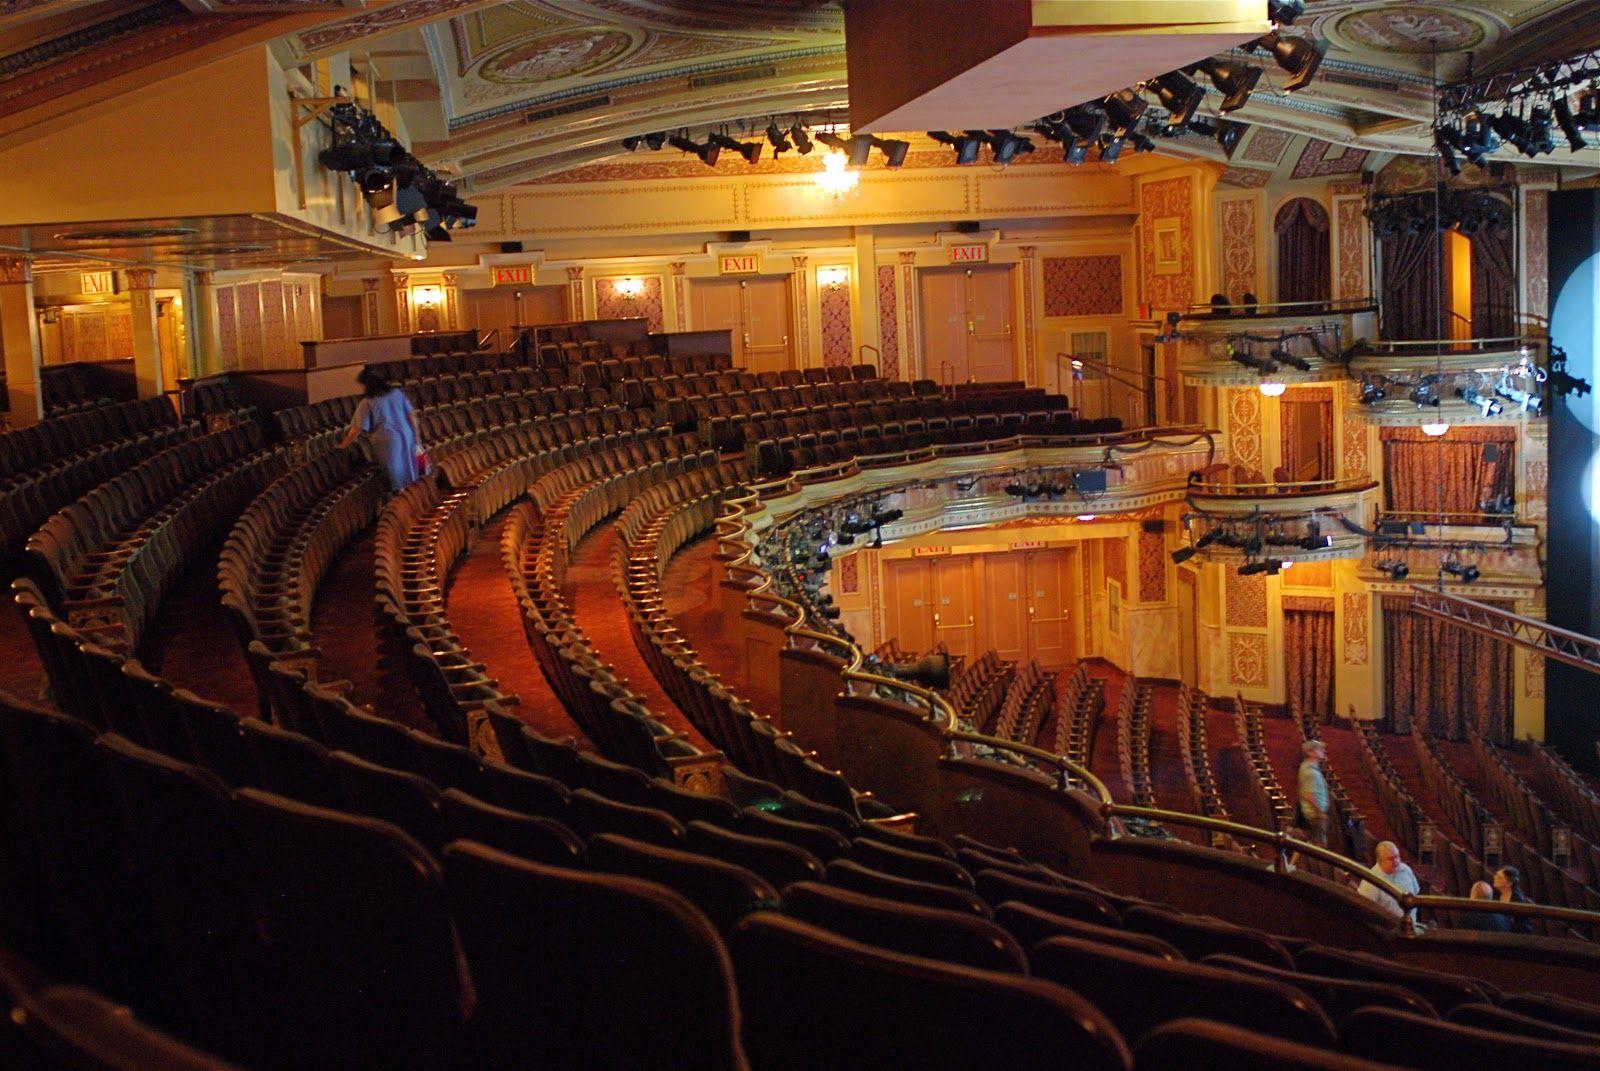 Broadway Theatre Winter Garden Winter Garden Theatre Atrium